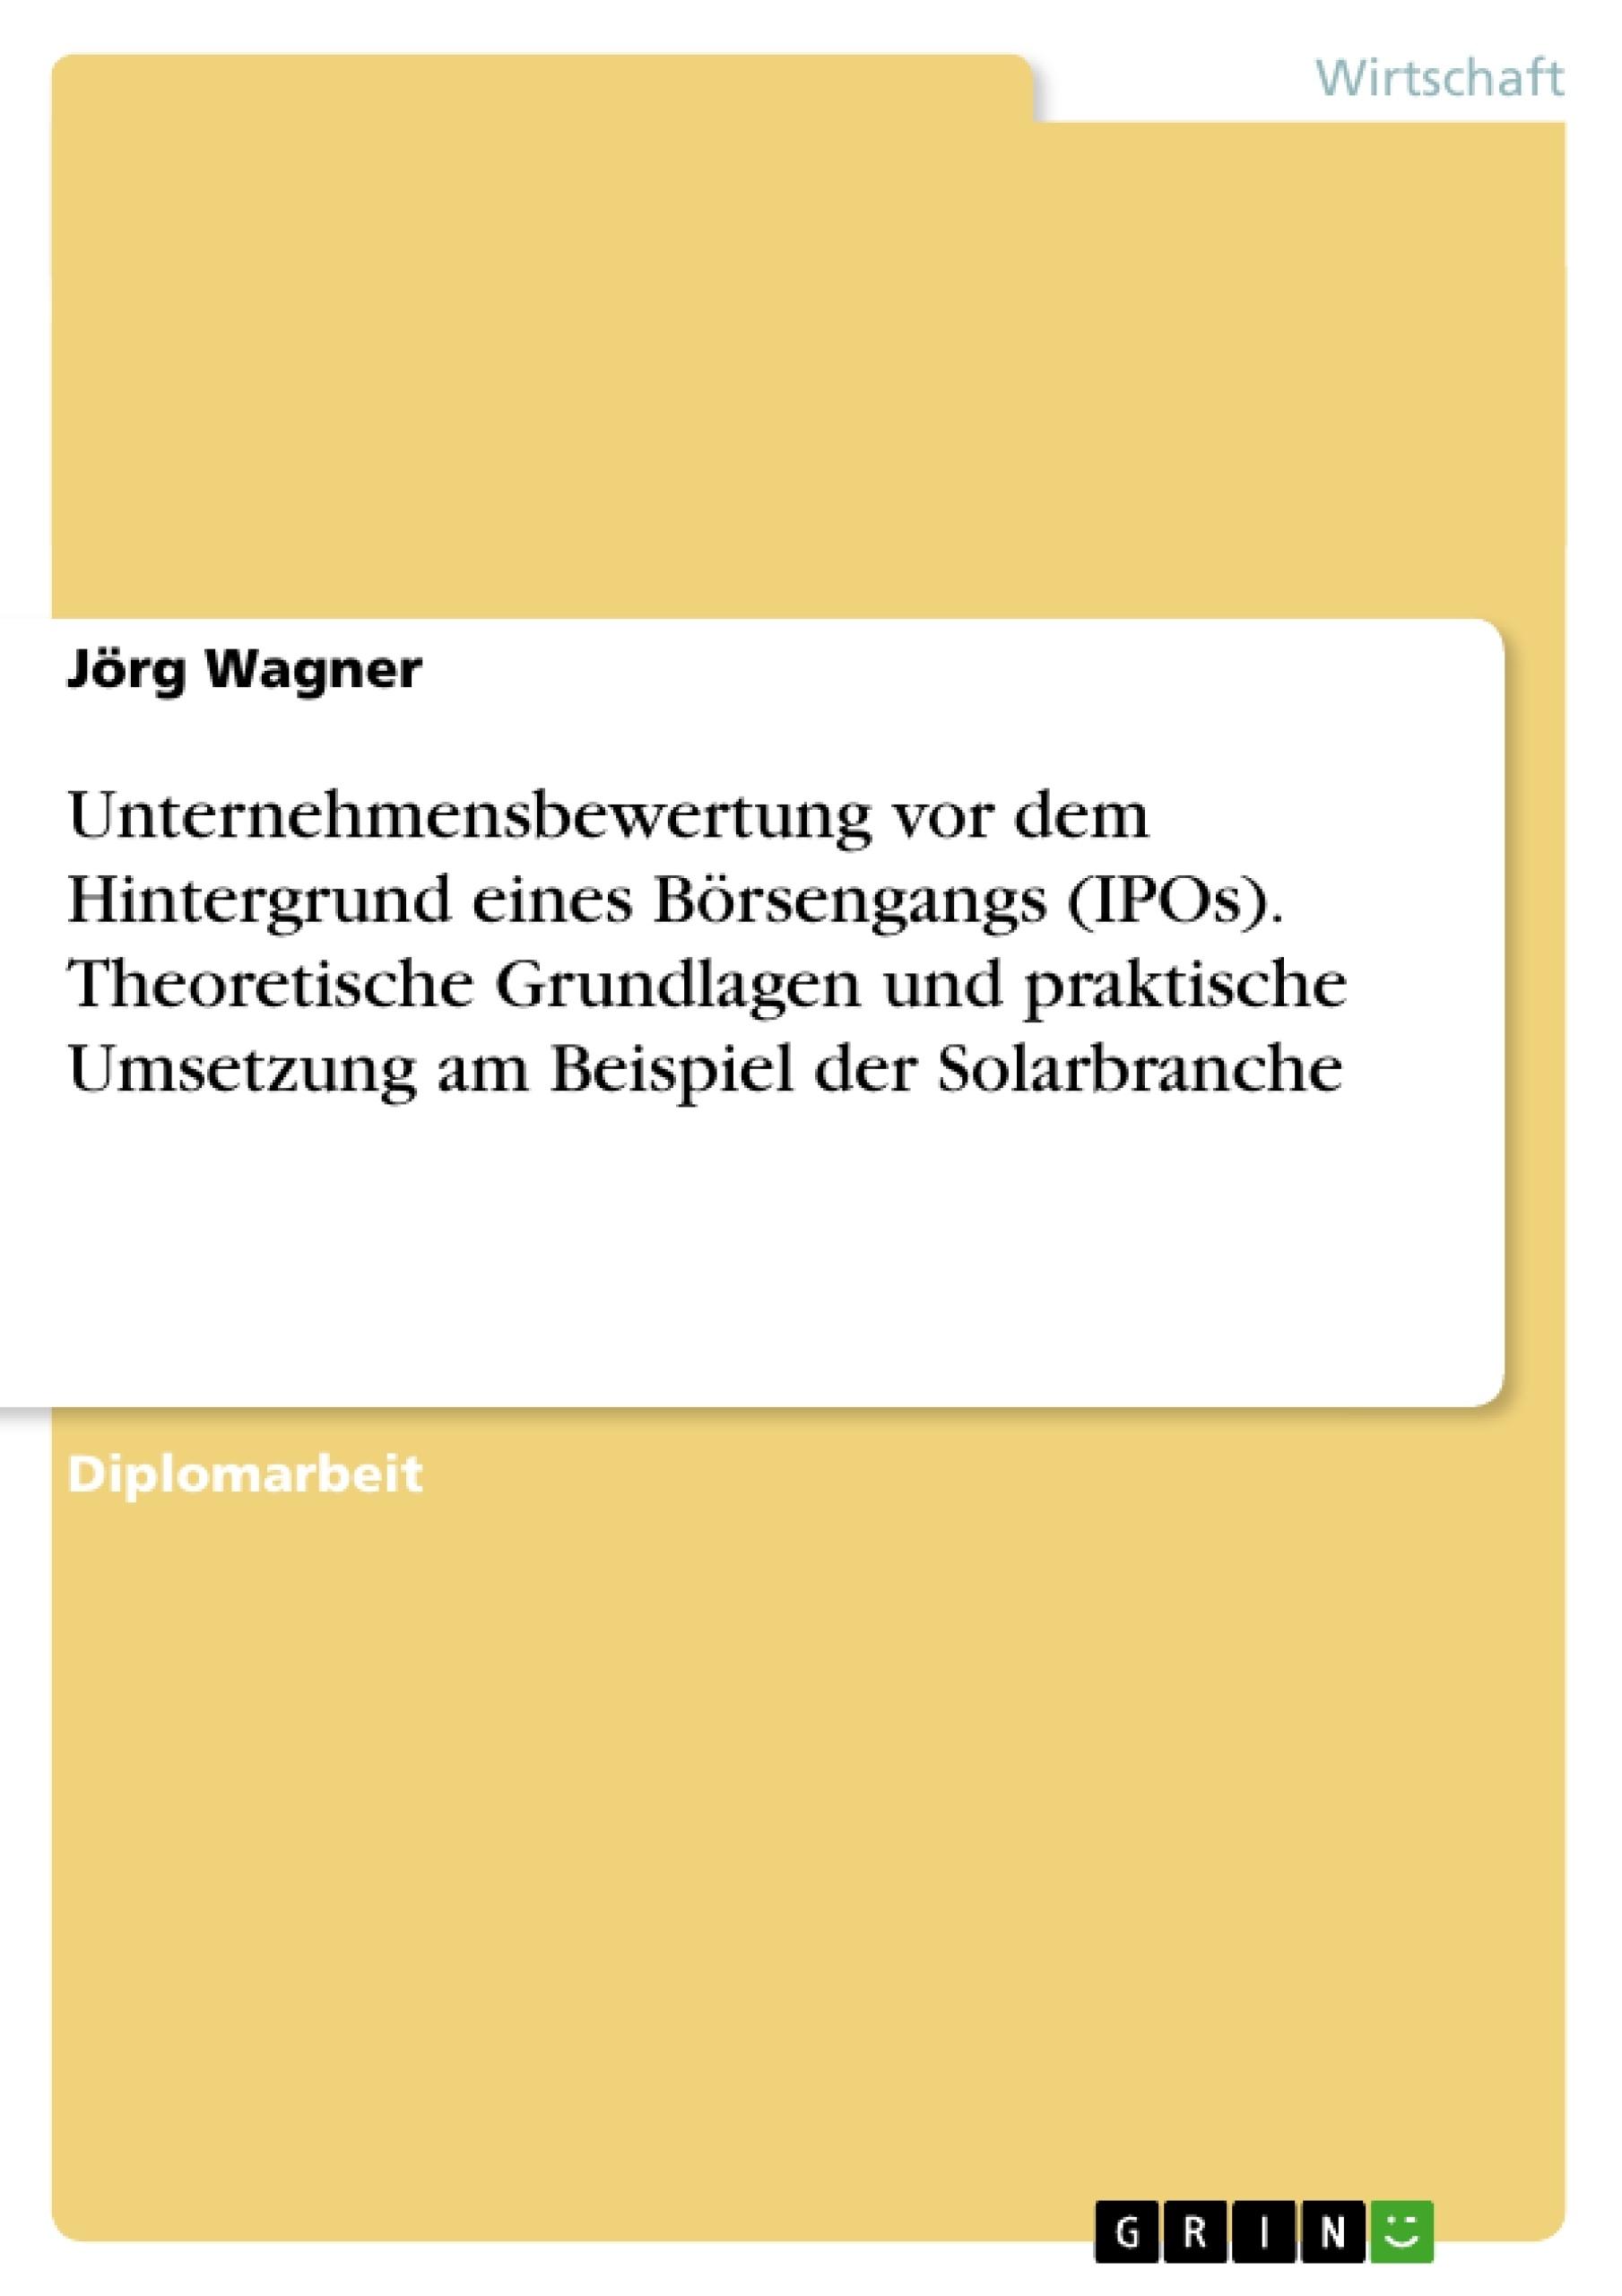 Titel: Unternehmensbewertung vor dem Hintergrund eines Börsengangs (IPOs). Theoretische Grundlagen und praktische Umsetzung am Beispiel der Solarbranche